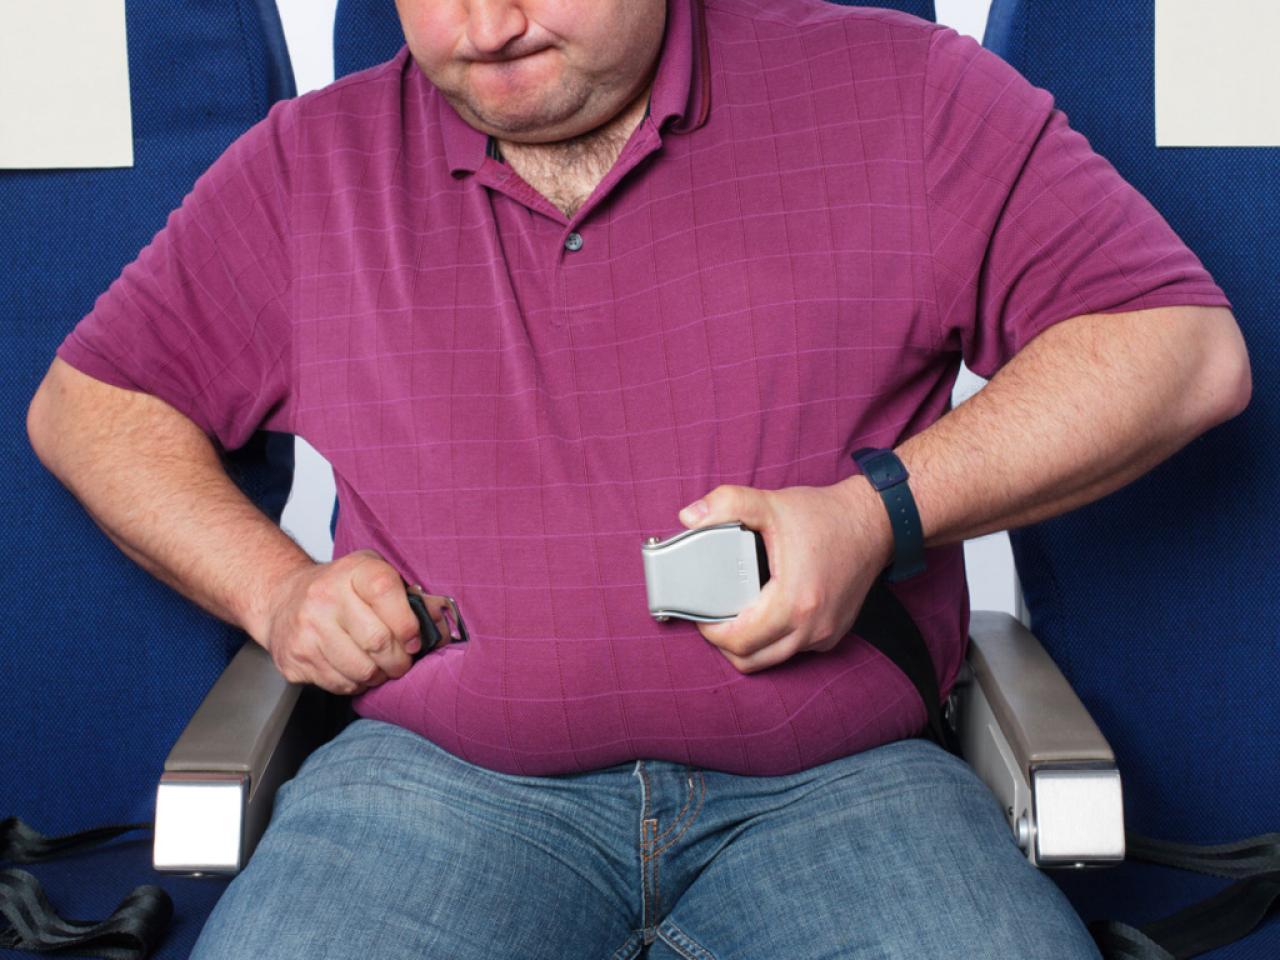 آیا مسافرین چاق باید بلیط پرواز را گرانتر تهیه کنند؟